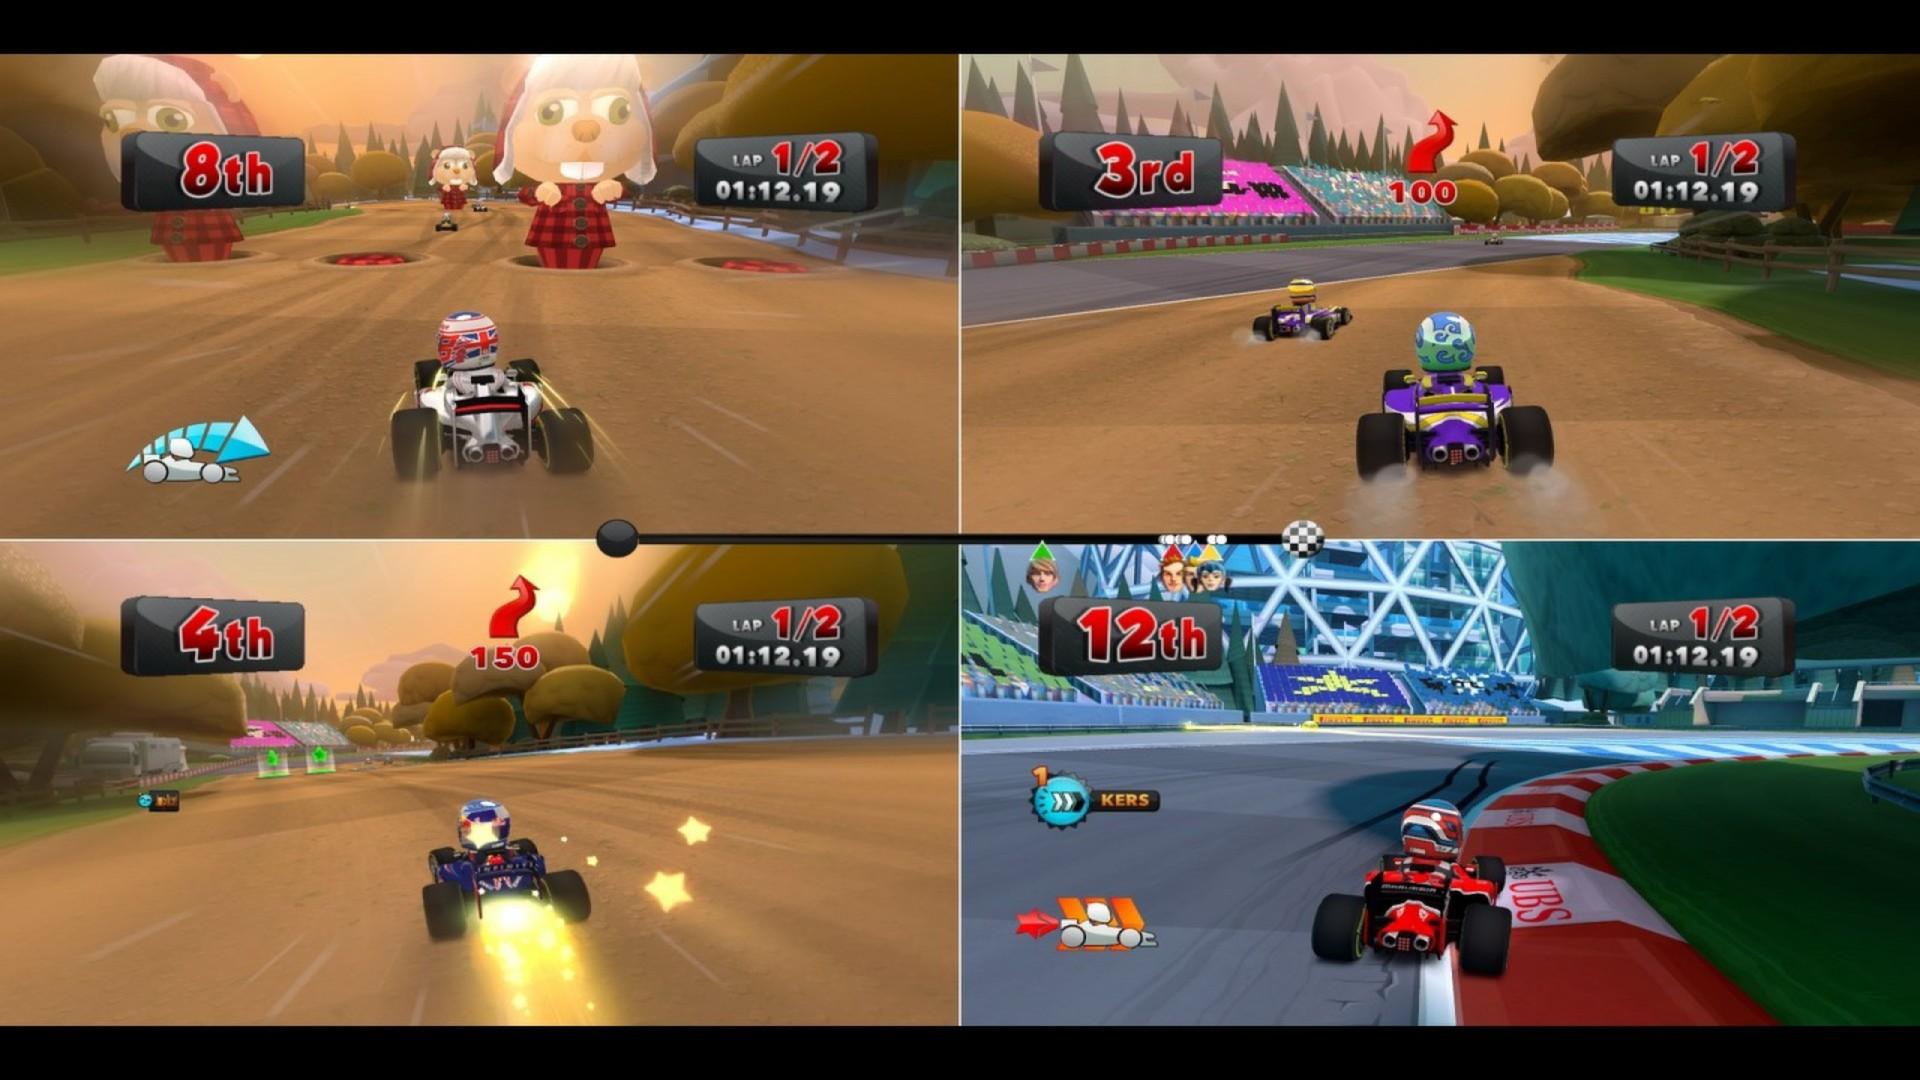 com.steam.220812-screenshot